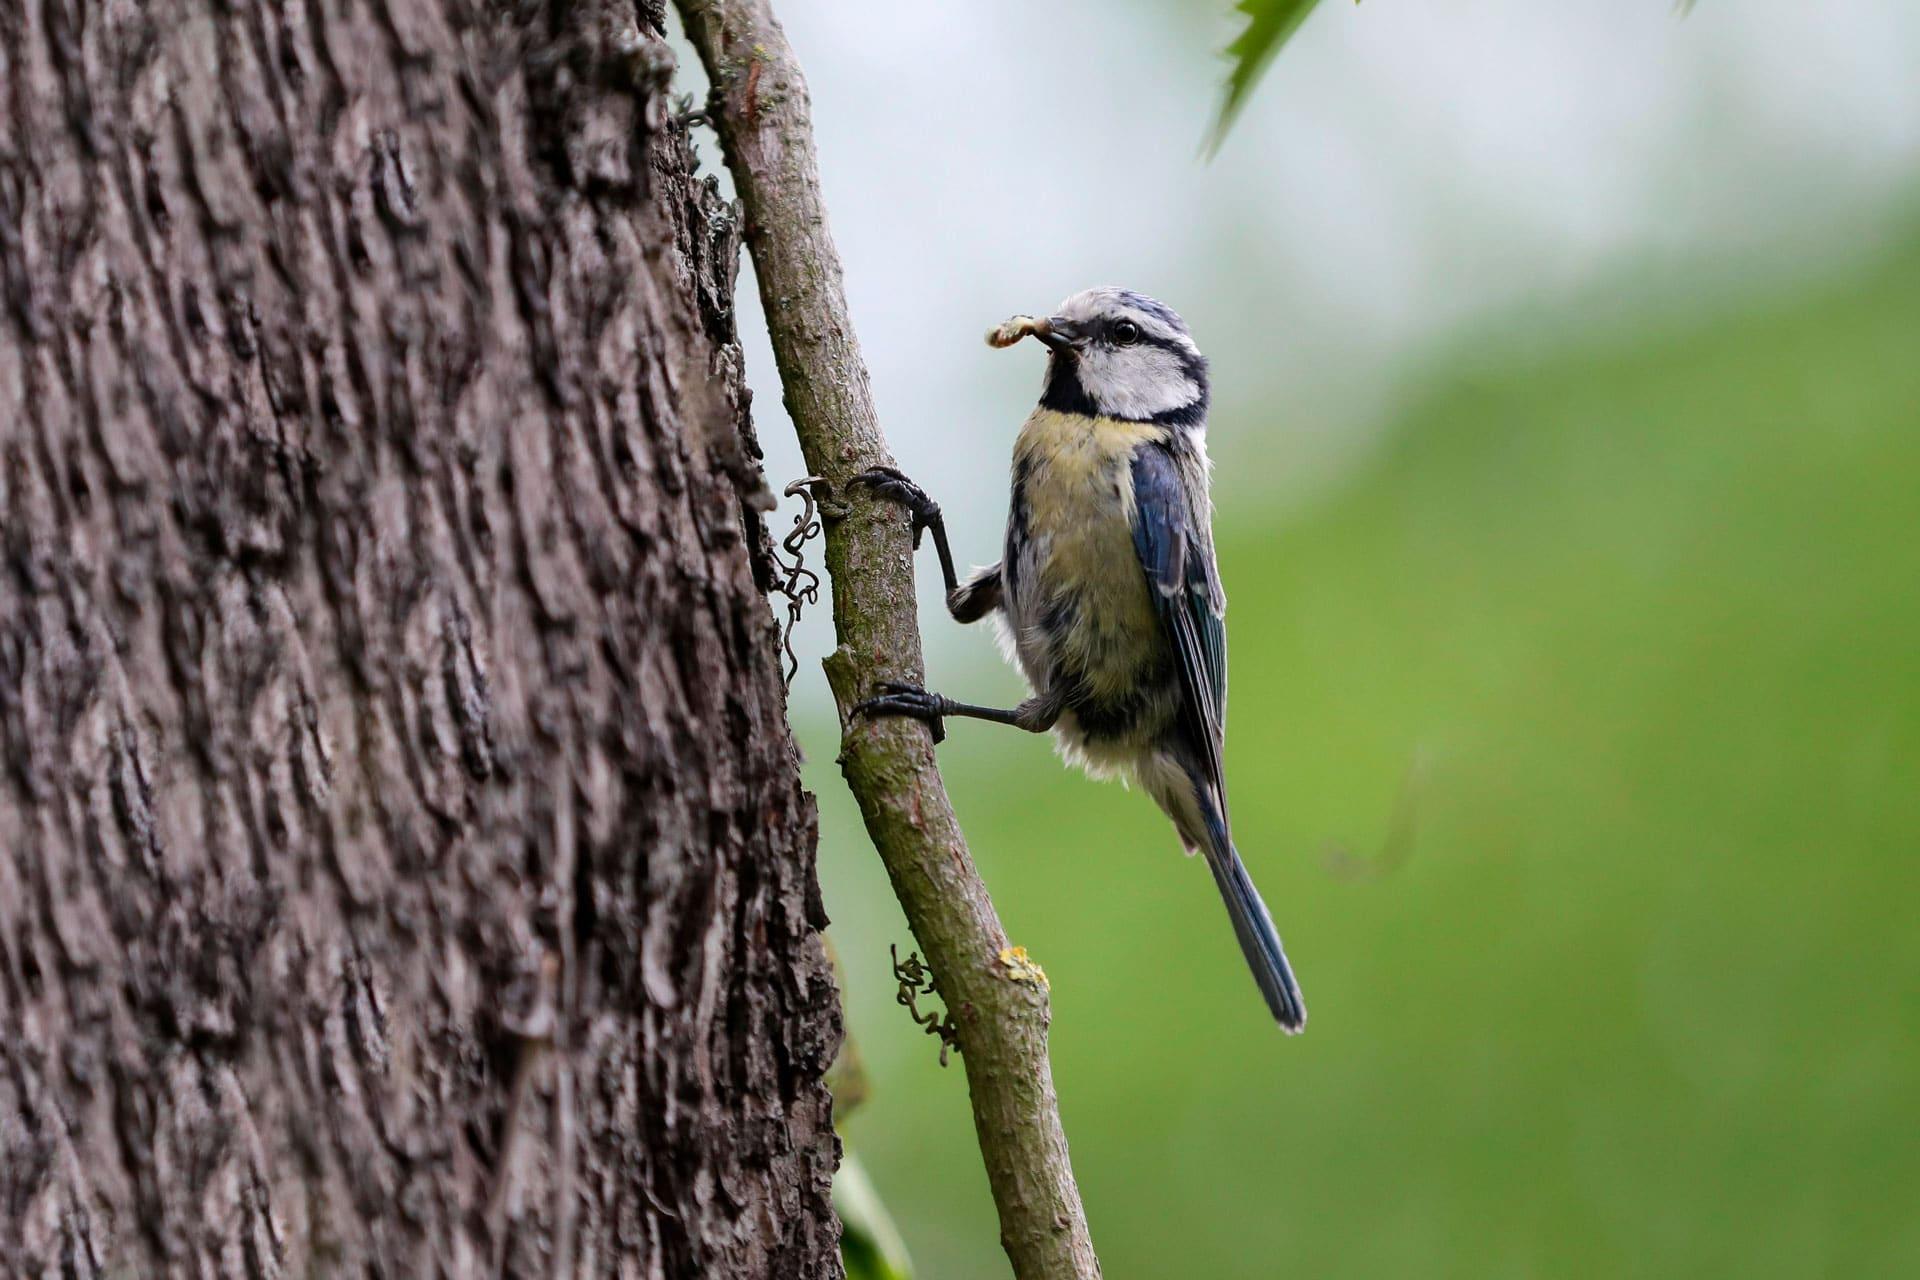 Bürger sollen Wintervögel zählen Blaumeise im Fokus